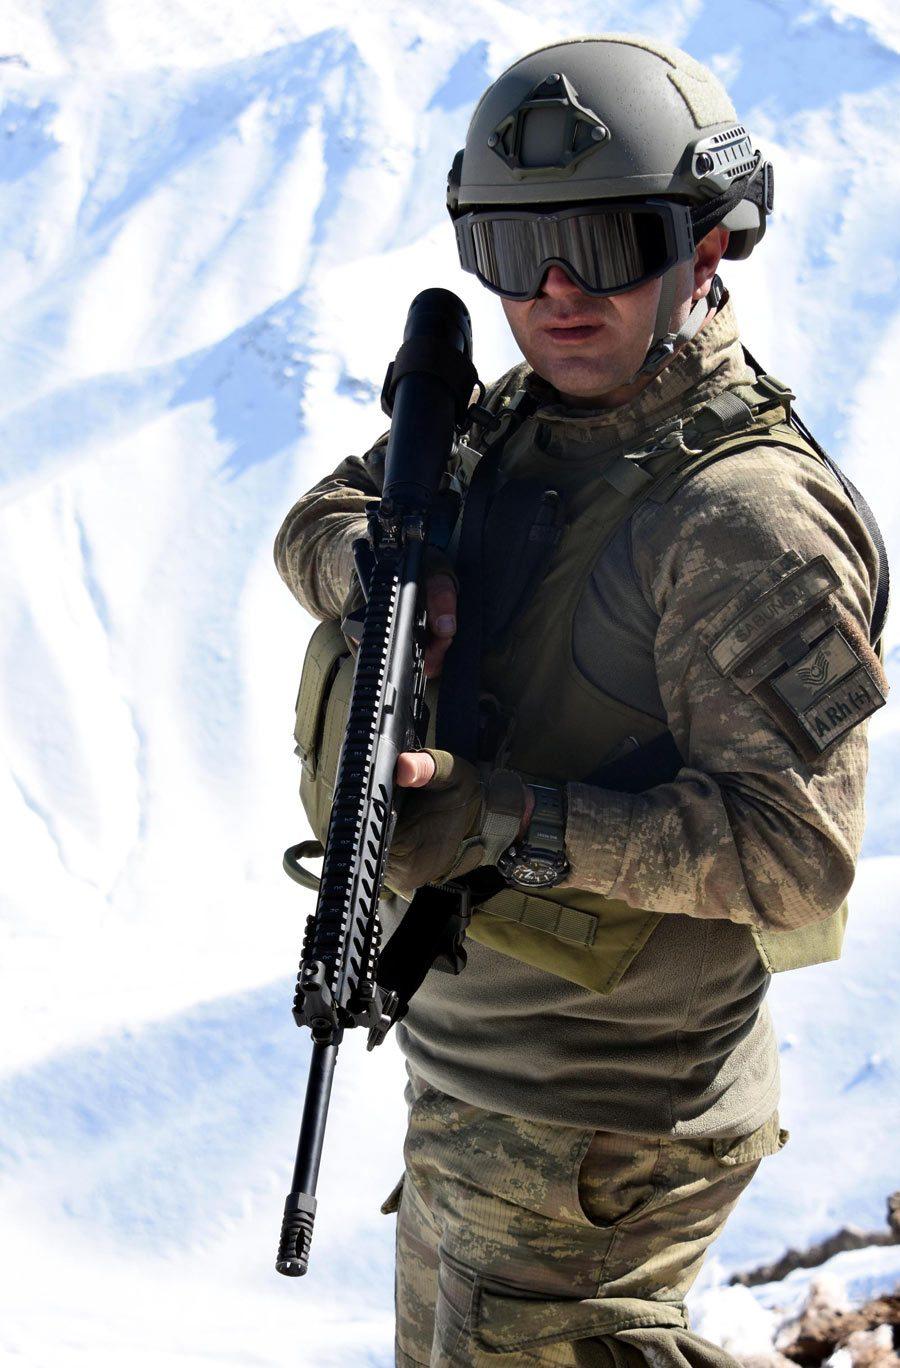 FOTO:DHA - Milli Piyade Tüfeği MPT-76, Hakkari'de ilk olarak bu birliğe verildi.